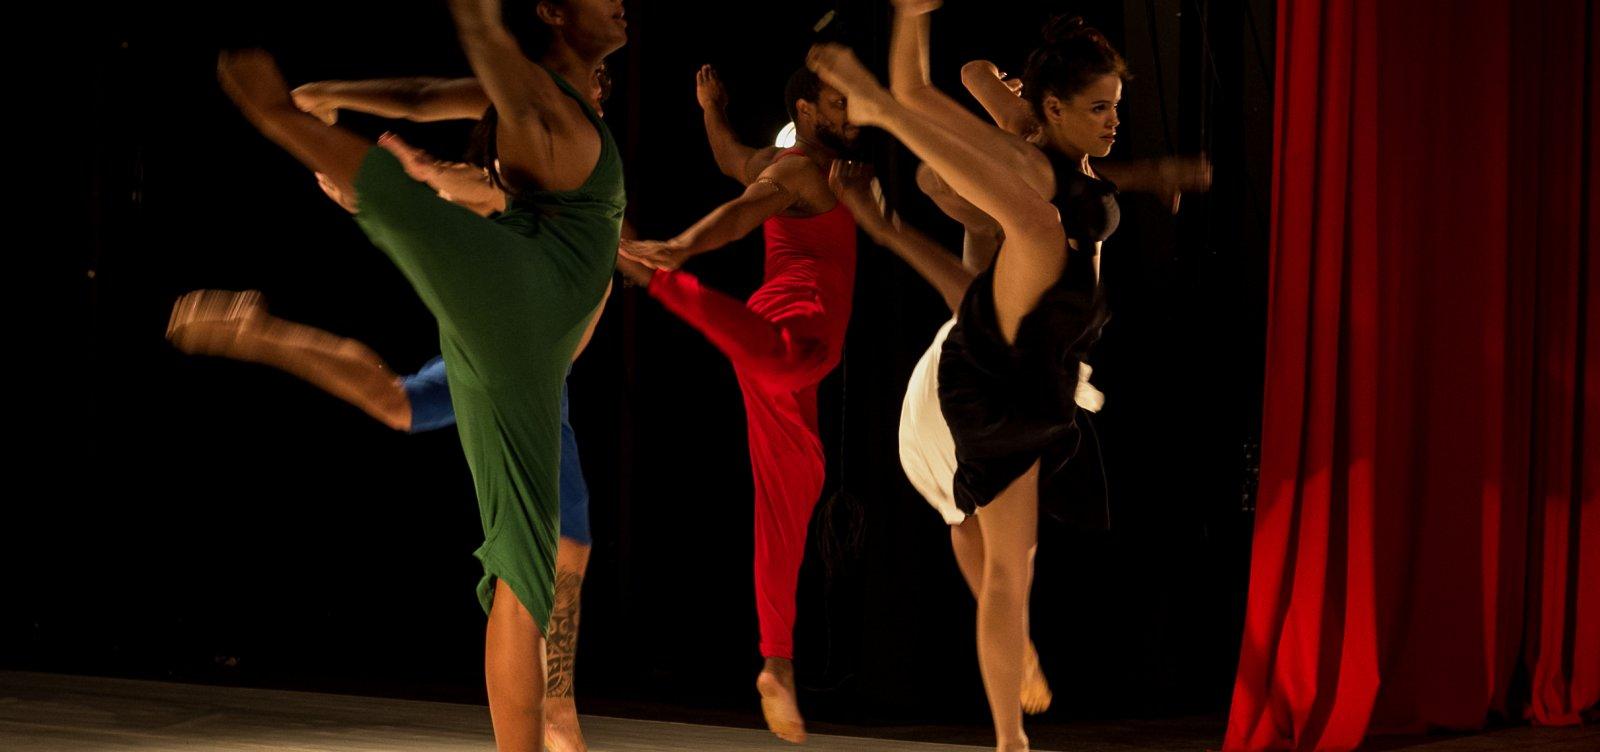 Espetáculo de dança Tirania das Cores entra em cartaz em Salvador e Feira